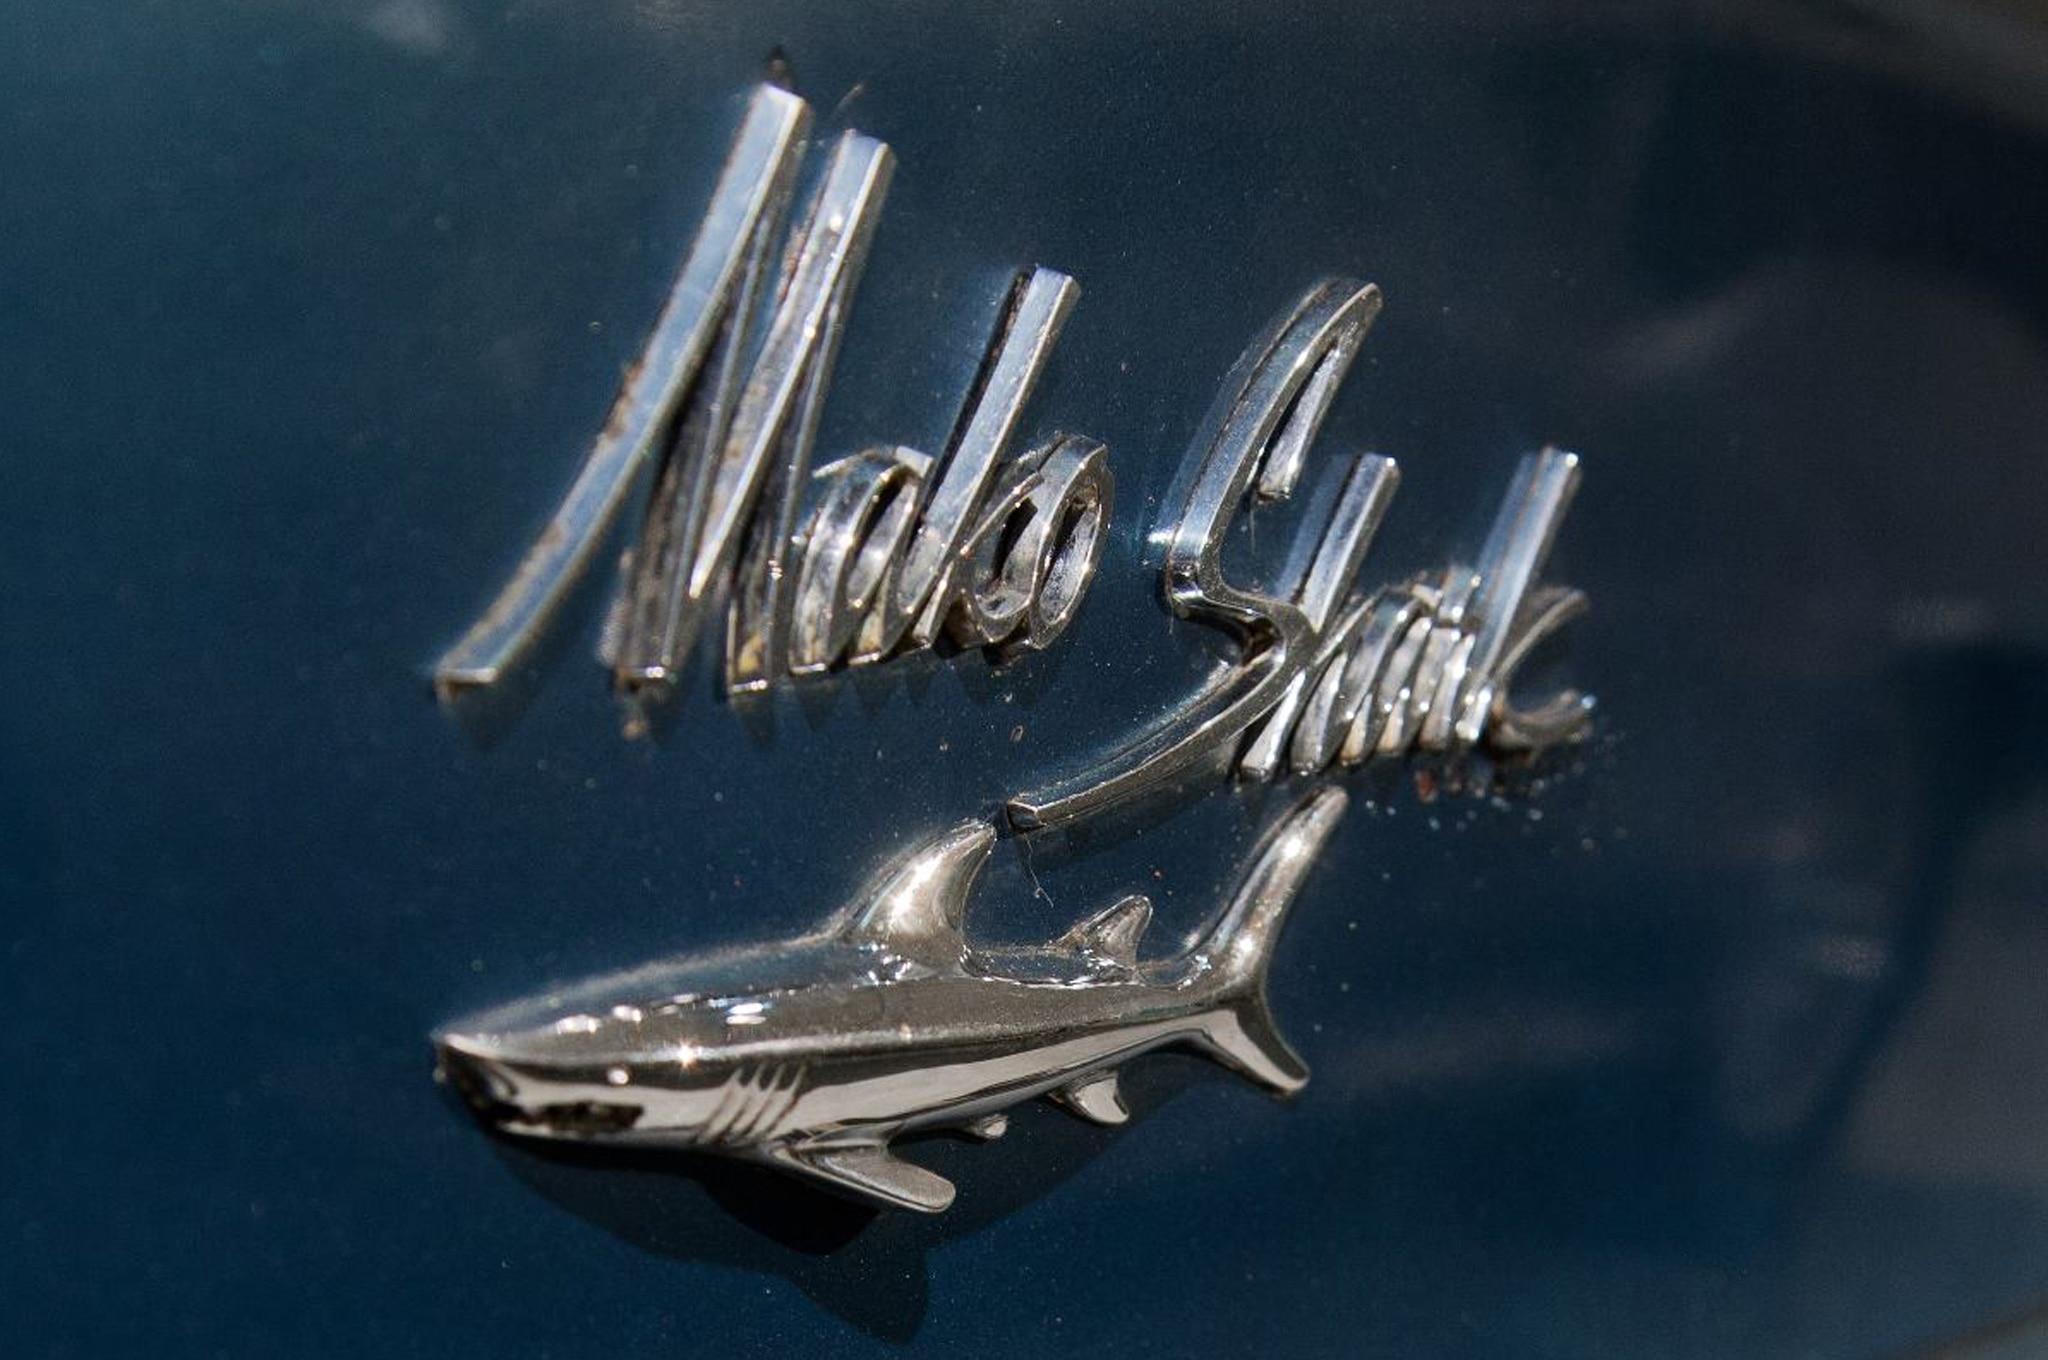 Nine Shark Cars For 2013 Shark Week